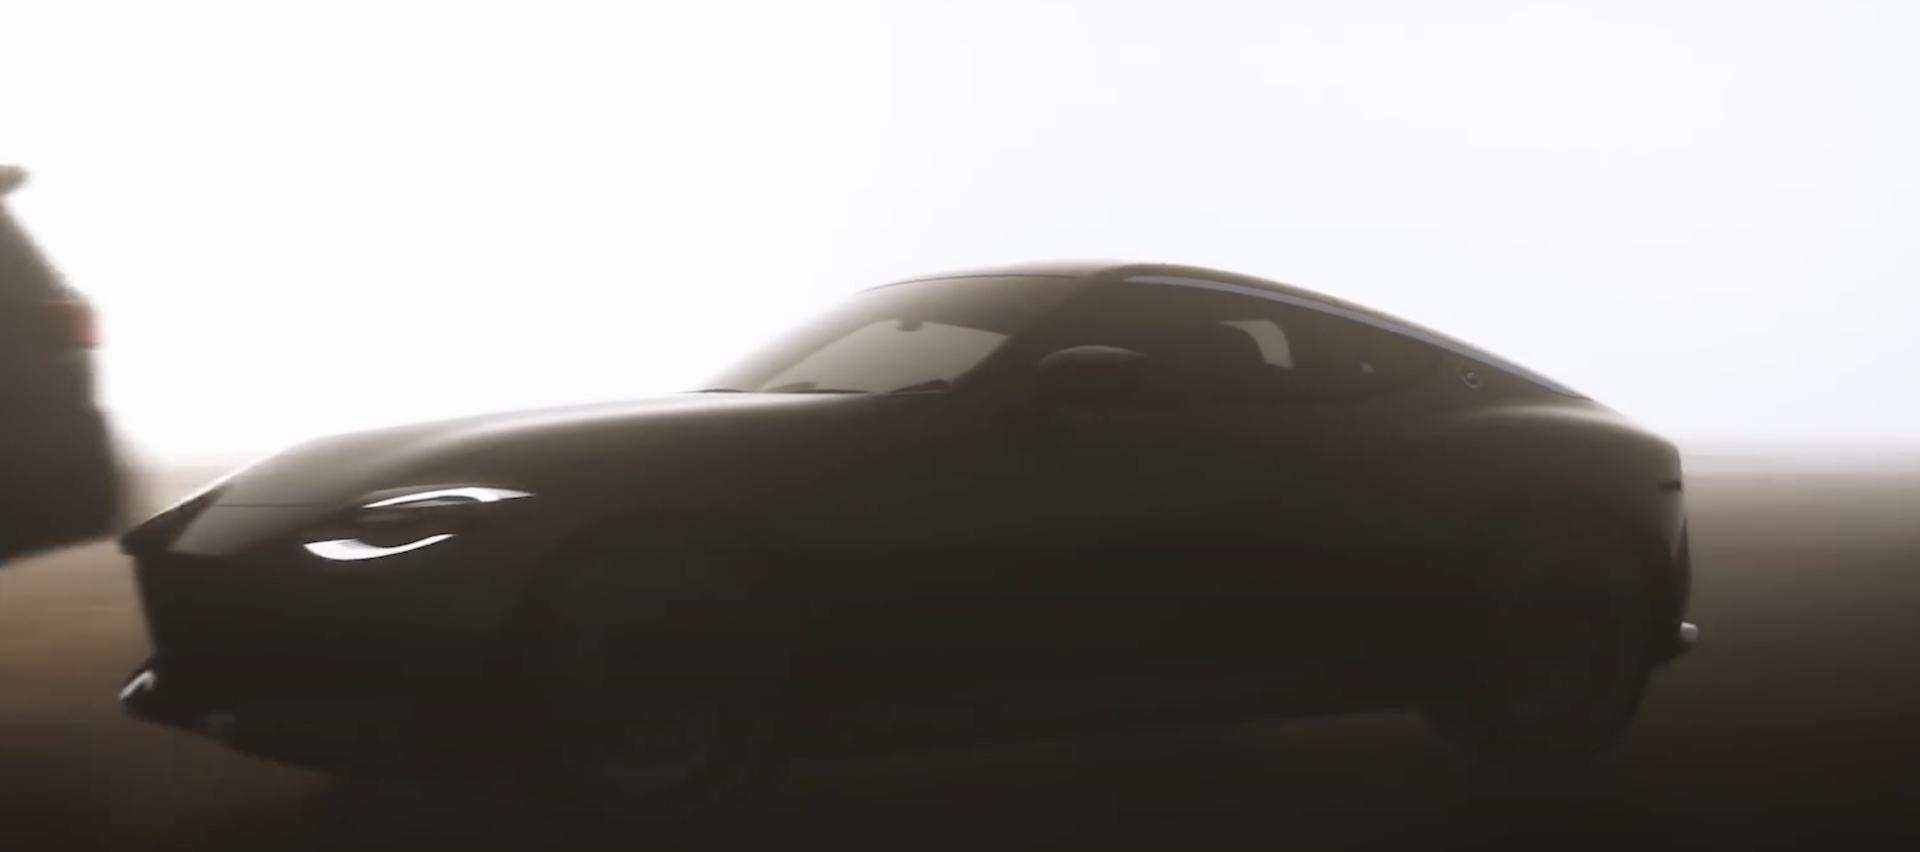 Nissan 400z Teaser 2021 1